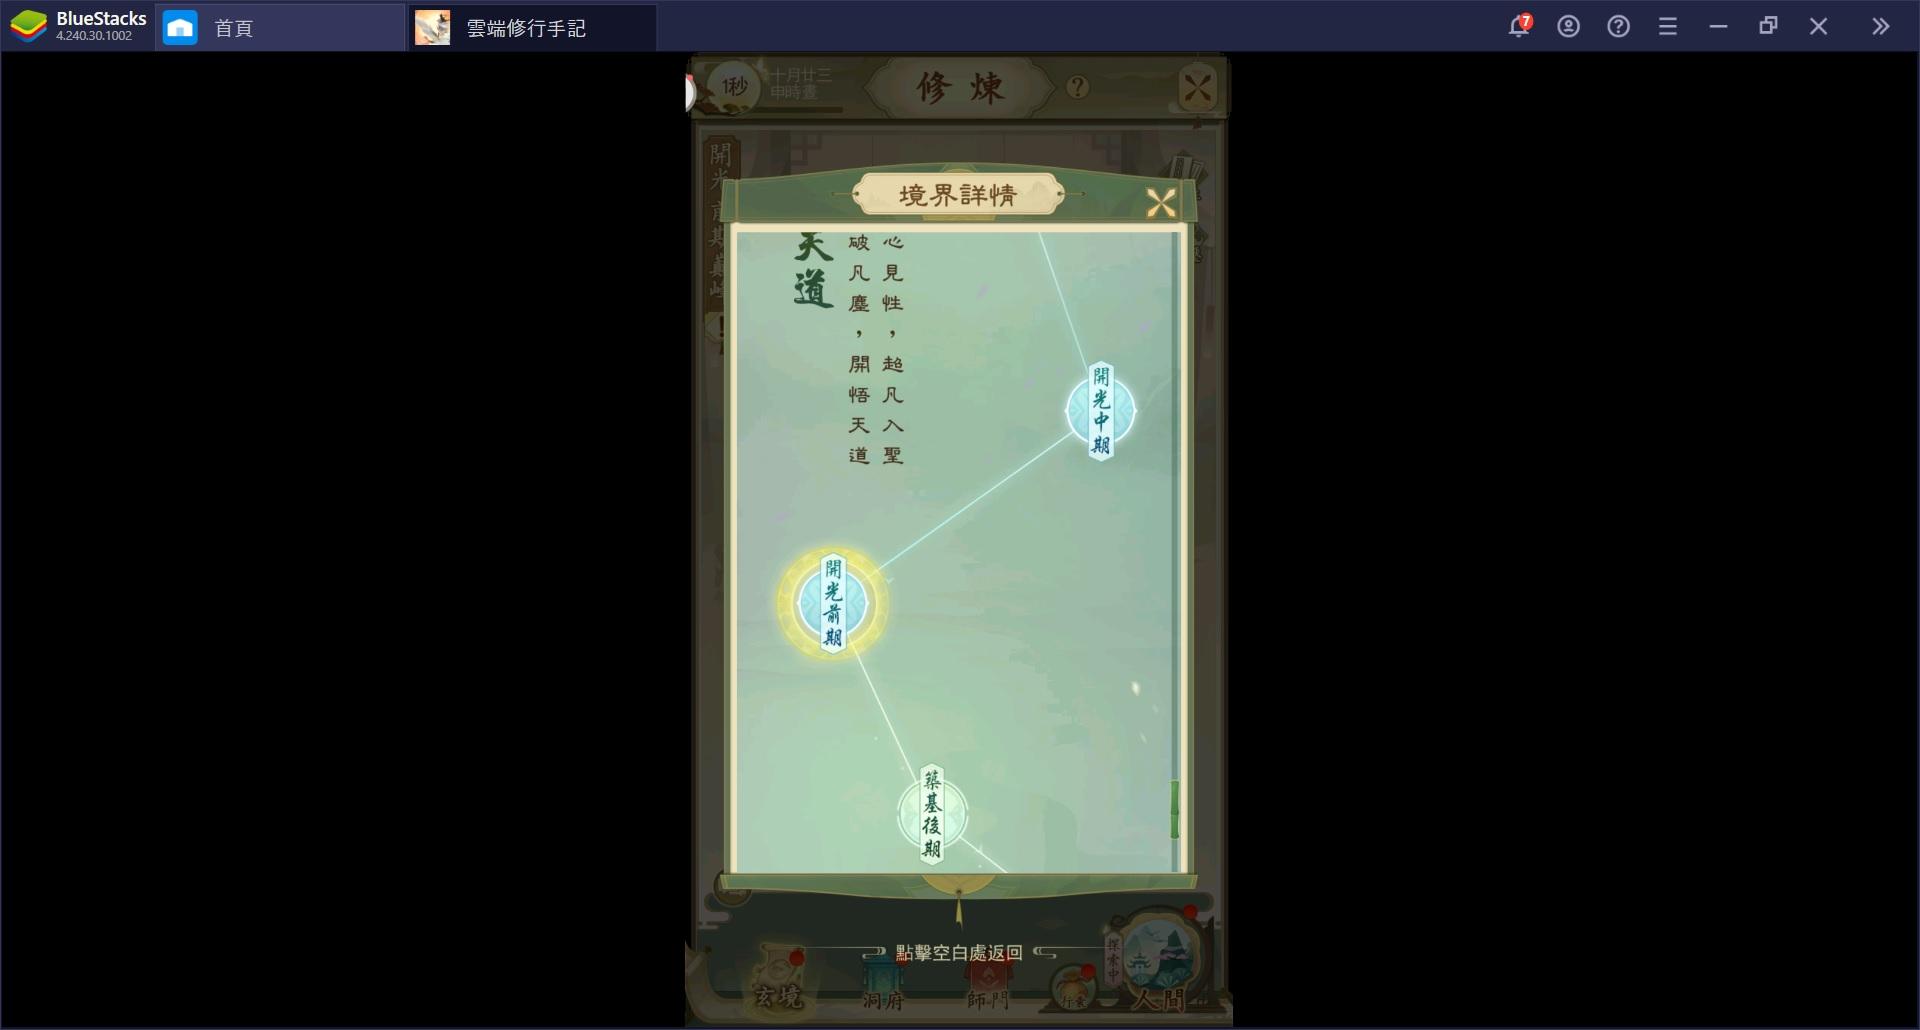 使用BlueStacks在PC上體驗修仙沙盒RPG手游《雲端修行手記》